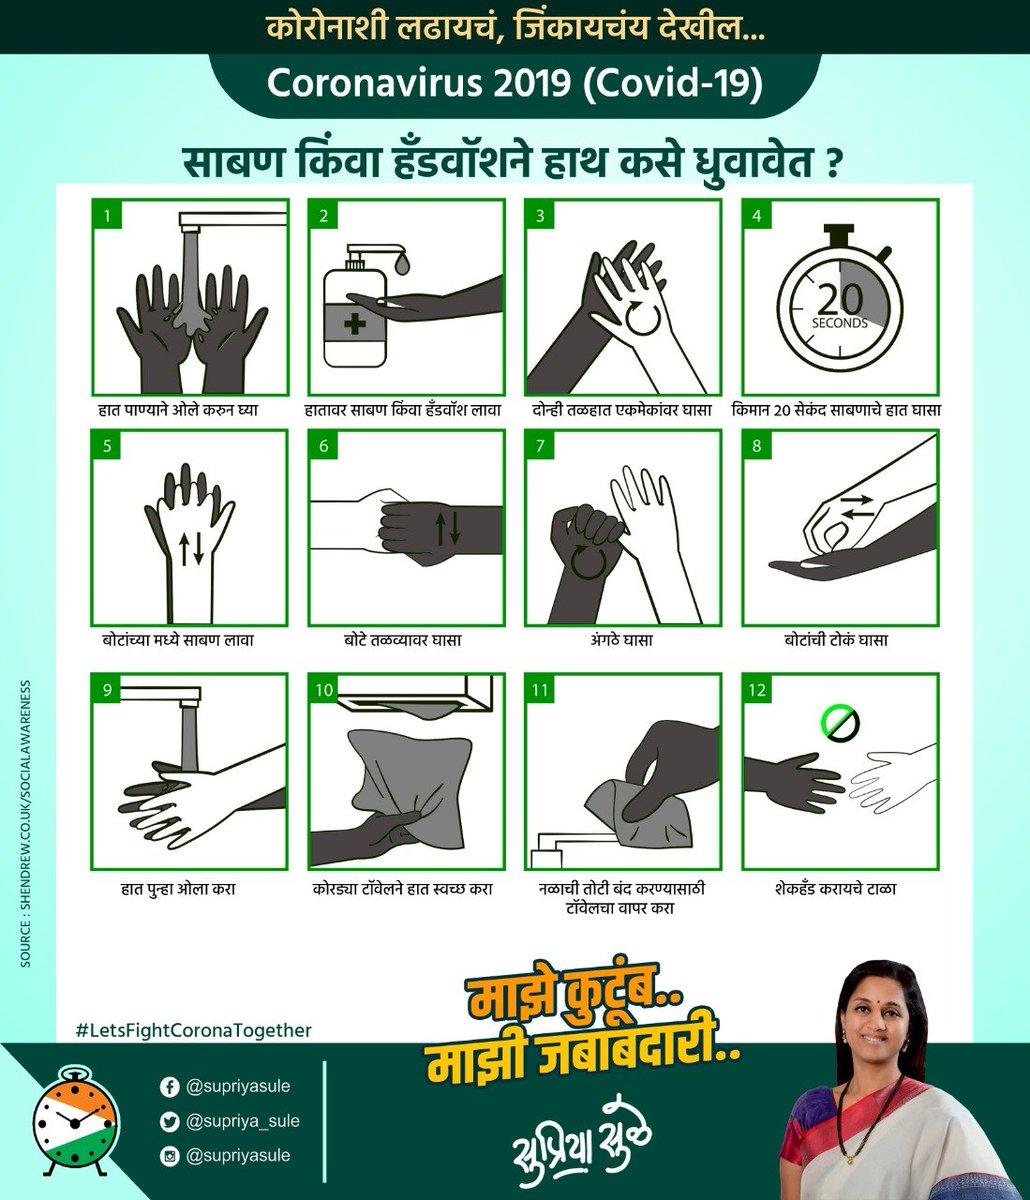 साबण किंवा हँडवॉशने हात कसे स्वच्छ करावेत,याची माहीती घेऊ.   साबुन तथा हैंडवाश से हाथ किस तरह से धोए, इसकी जानकारी लेते है.  Let us see how to clean our hands using Soap or Hand Wash.  #माझे_कुटुंब_माझी_जबाबदारी #WarAgainstVirus #LetsFightCoronaTogether https://t.co/uu5cIAHei2